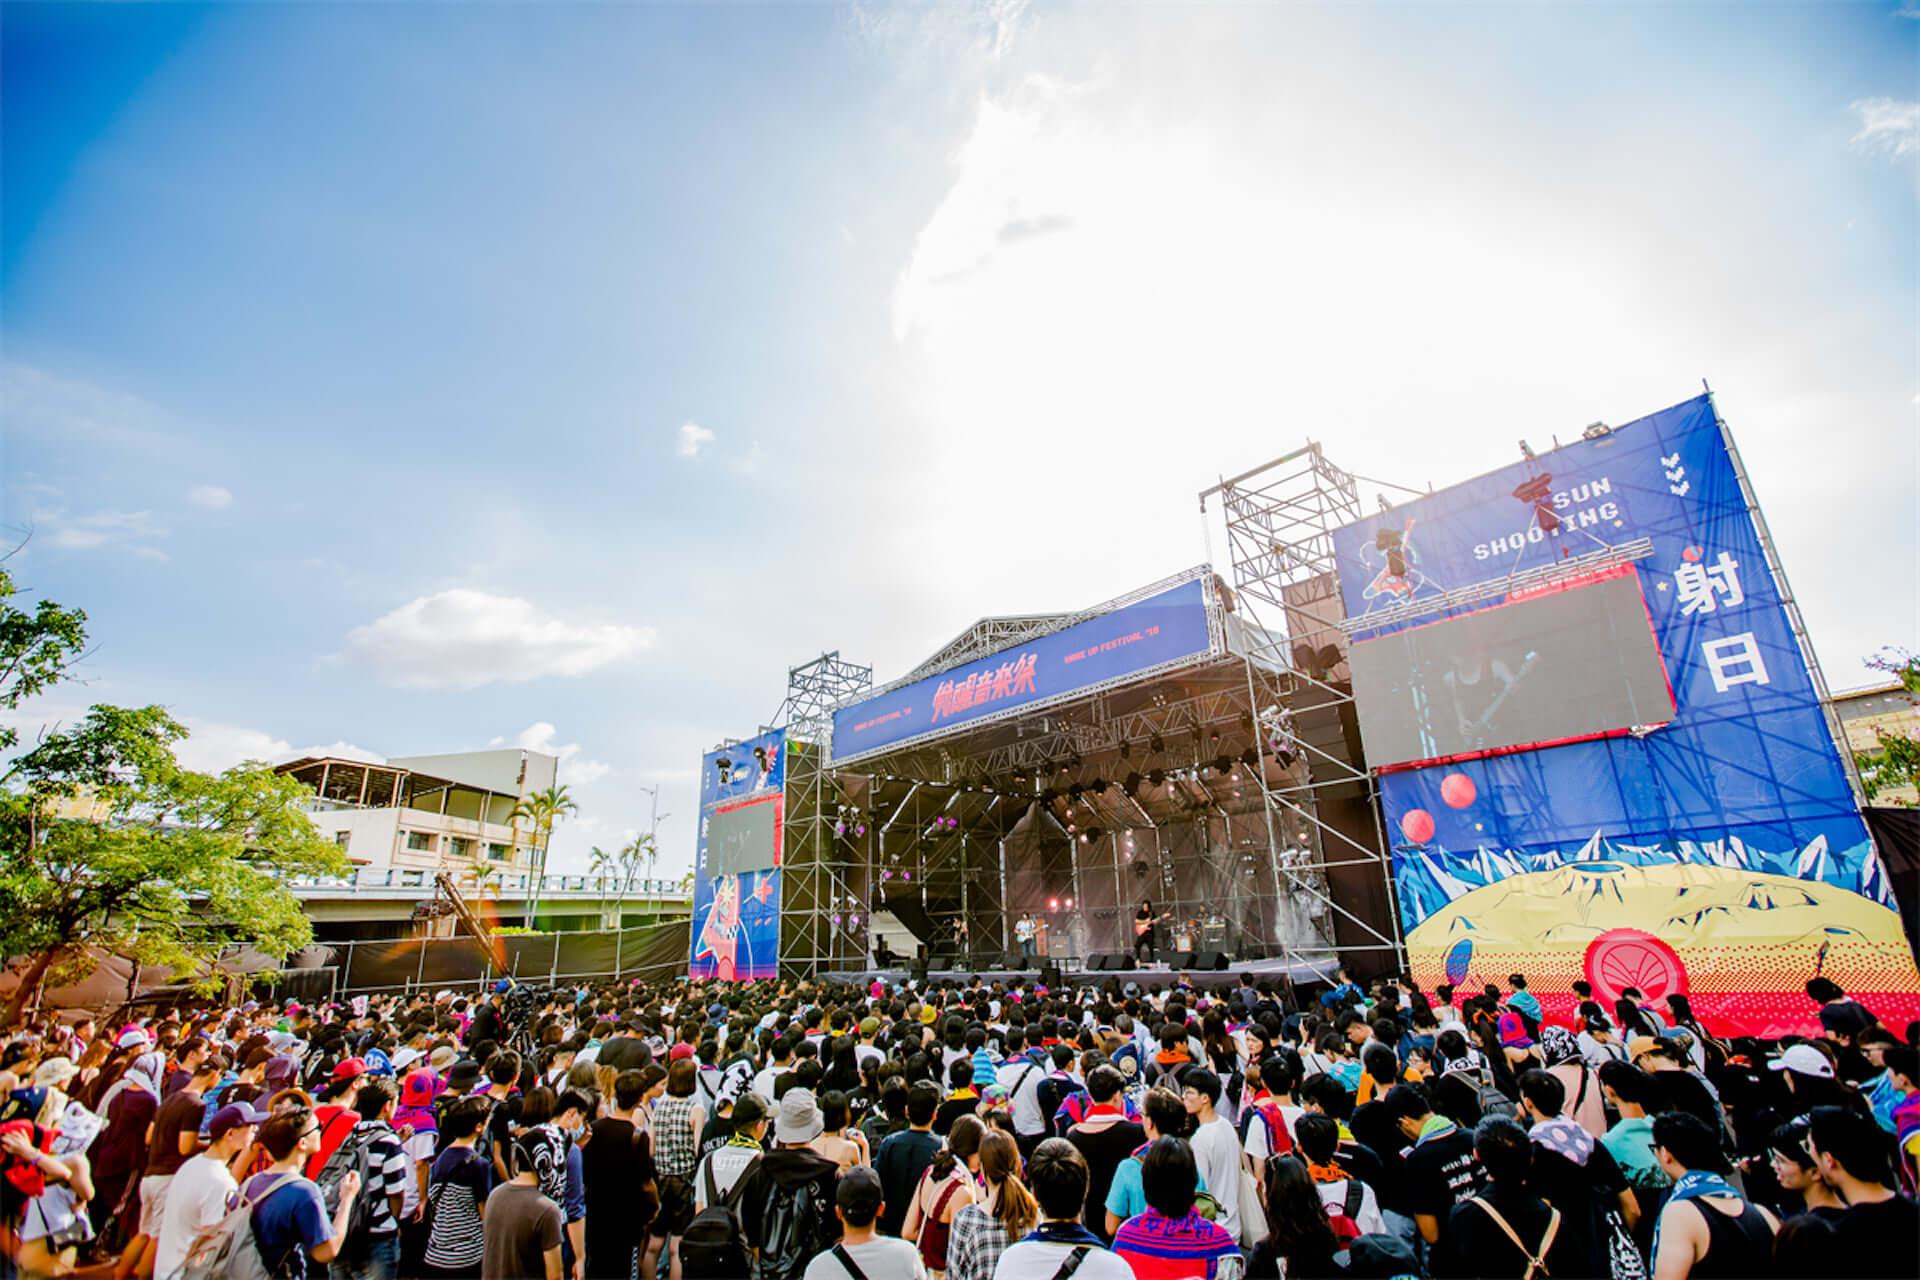 5日開幕!土屋アンナら出演 台湾の夏フェス<Wake Up Festival>とは? music190625wakeupfestival_1-1920x1280